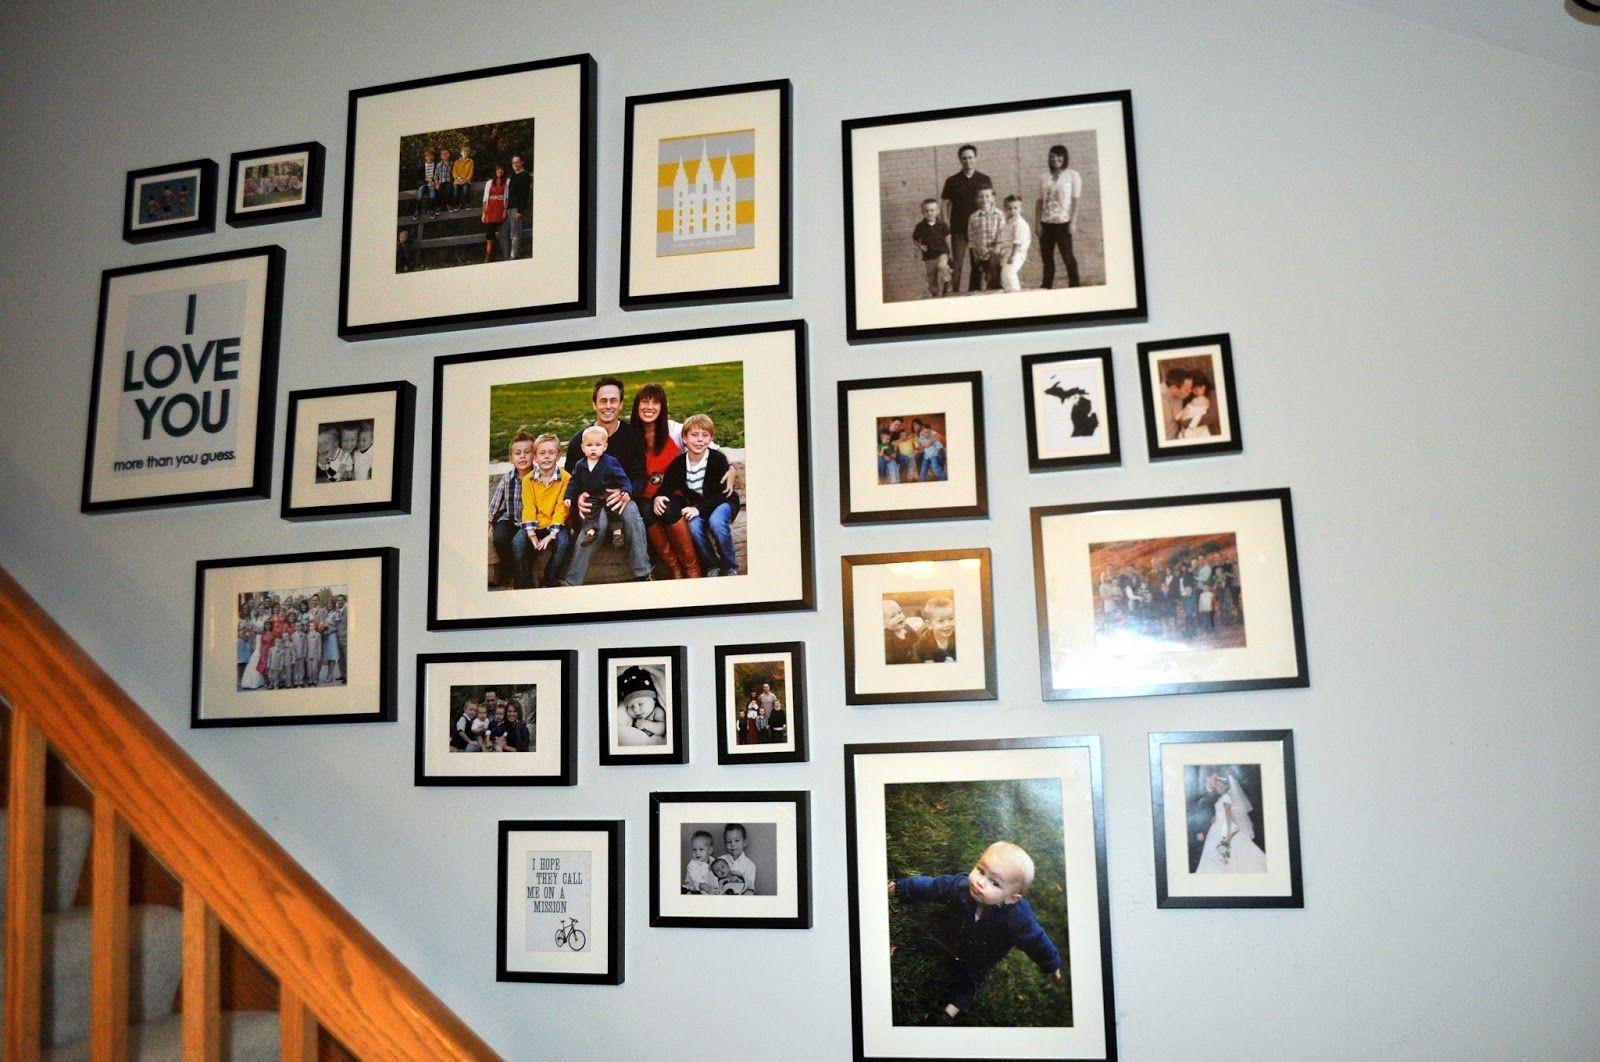 Moderne Wand Rahmen Anordnung Ideen Badezimmer Familien Wandbilder Moderne Wand Familienbilderrahmen